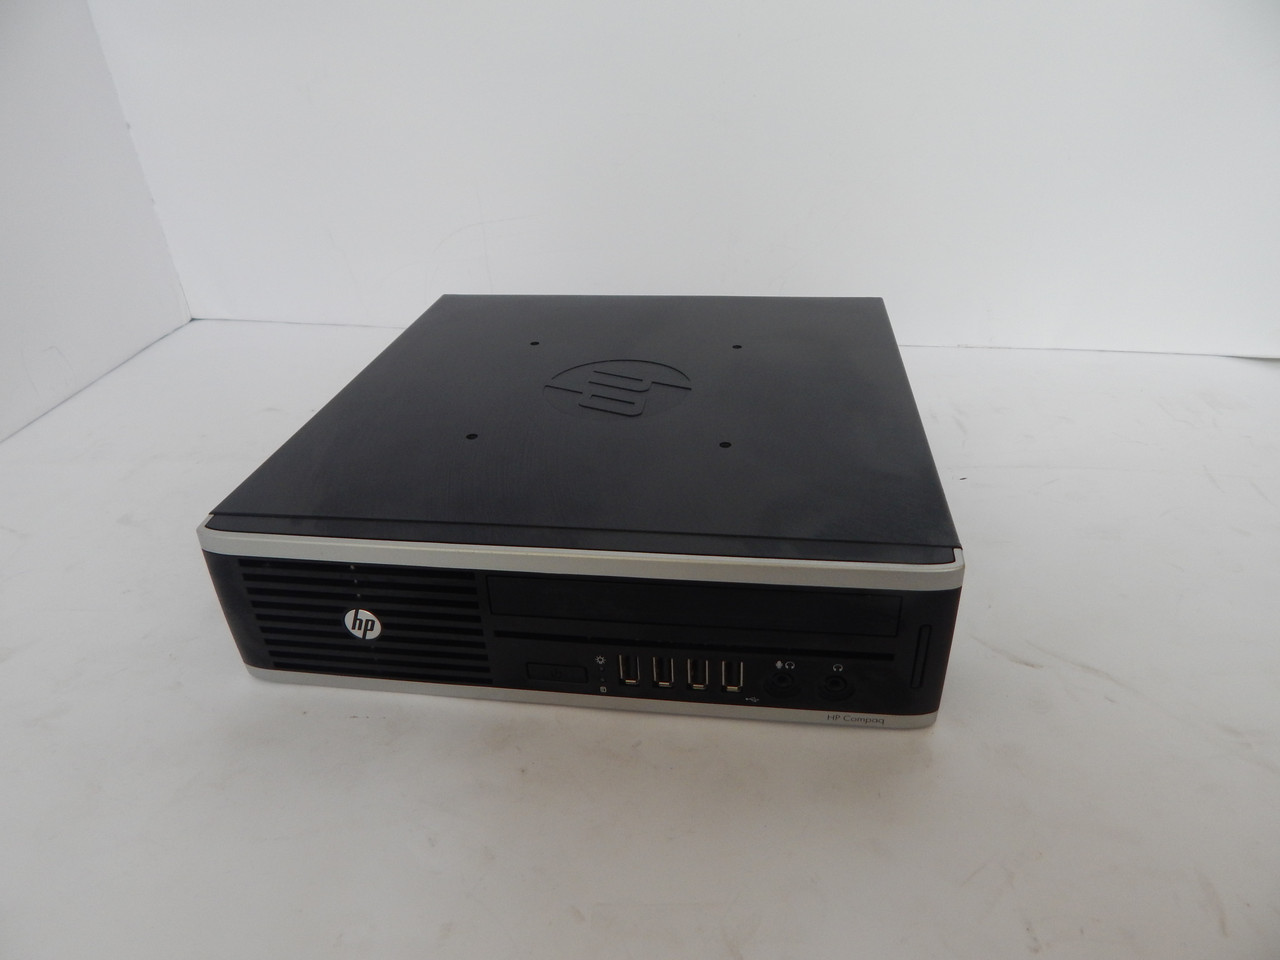 Системный блок  HP 8200 Elite ultra Slim i5-2400s 4 ГБ DDR3 4 ядра